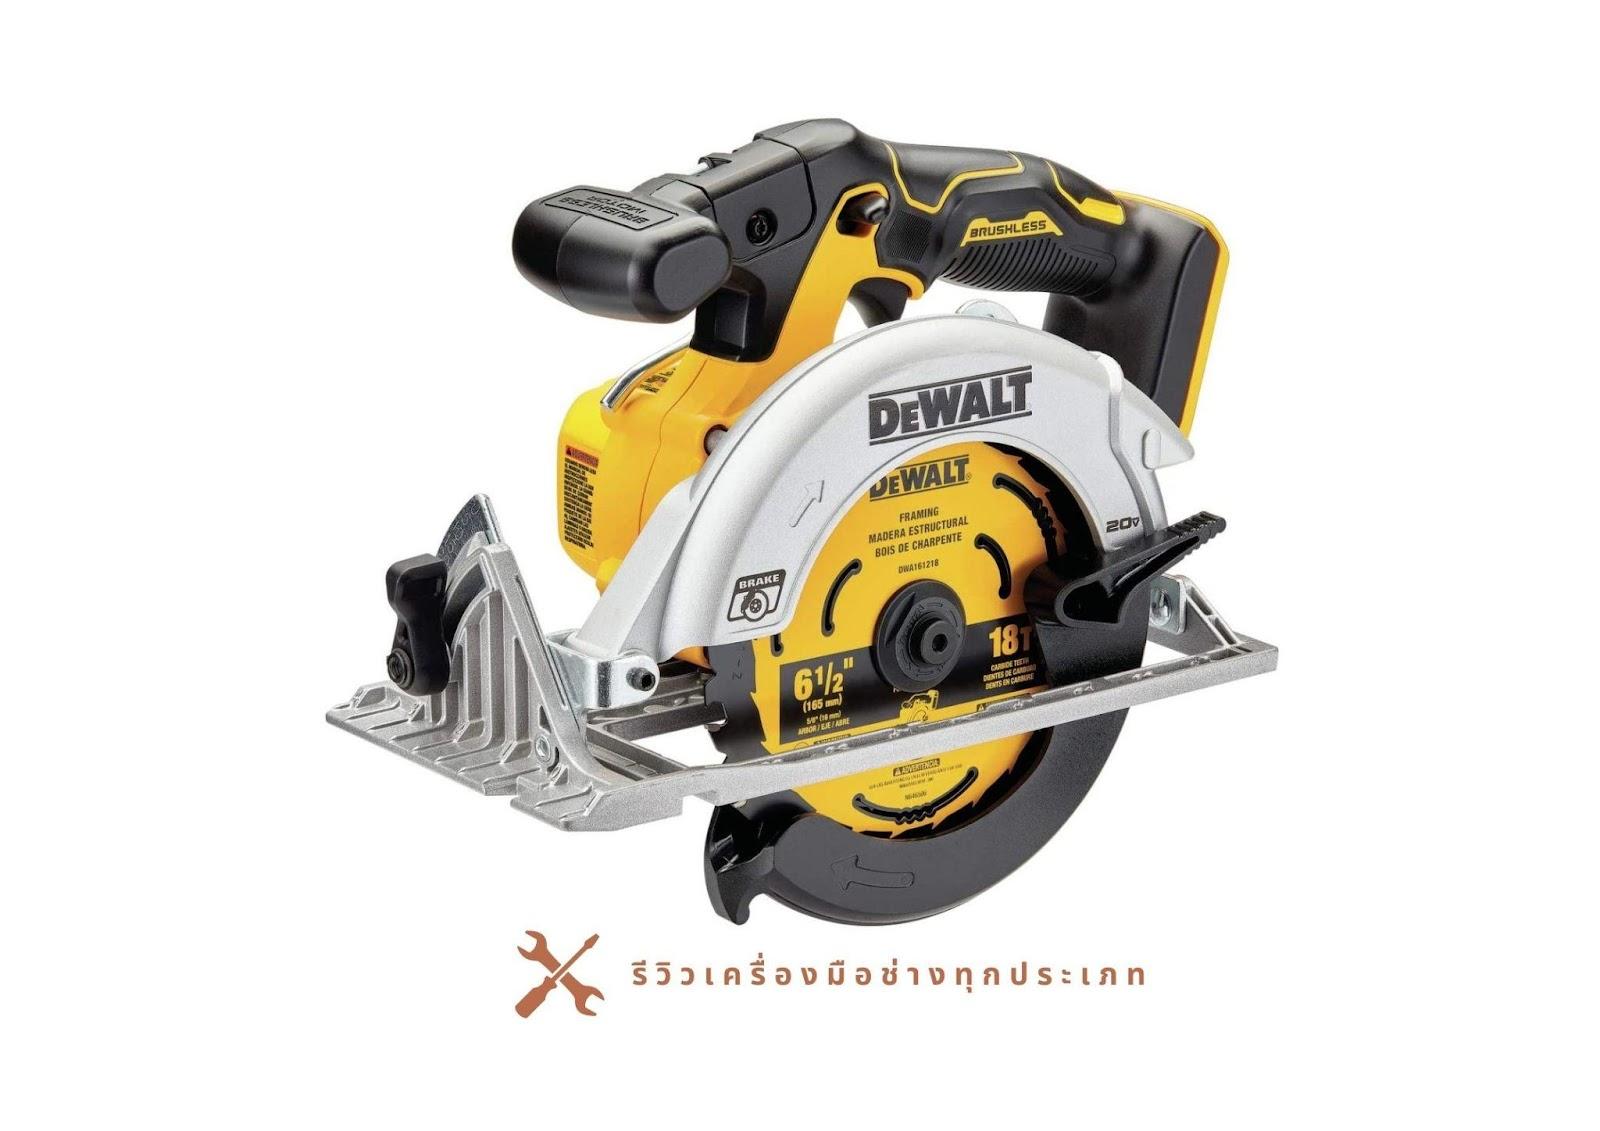 2. DEWALT 20-Volt Circular Saw